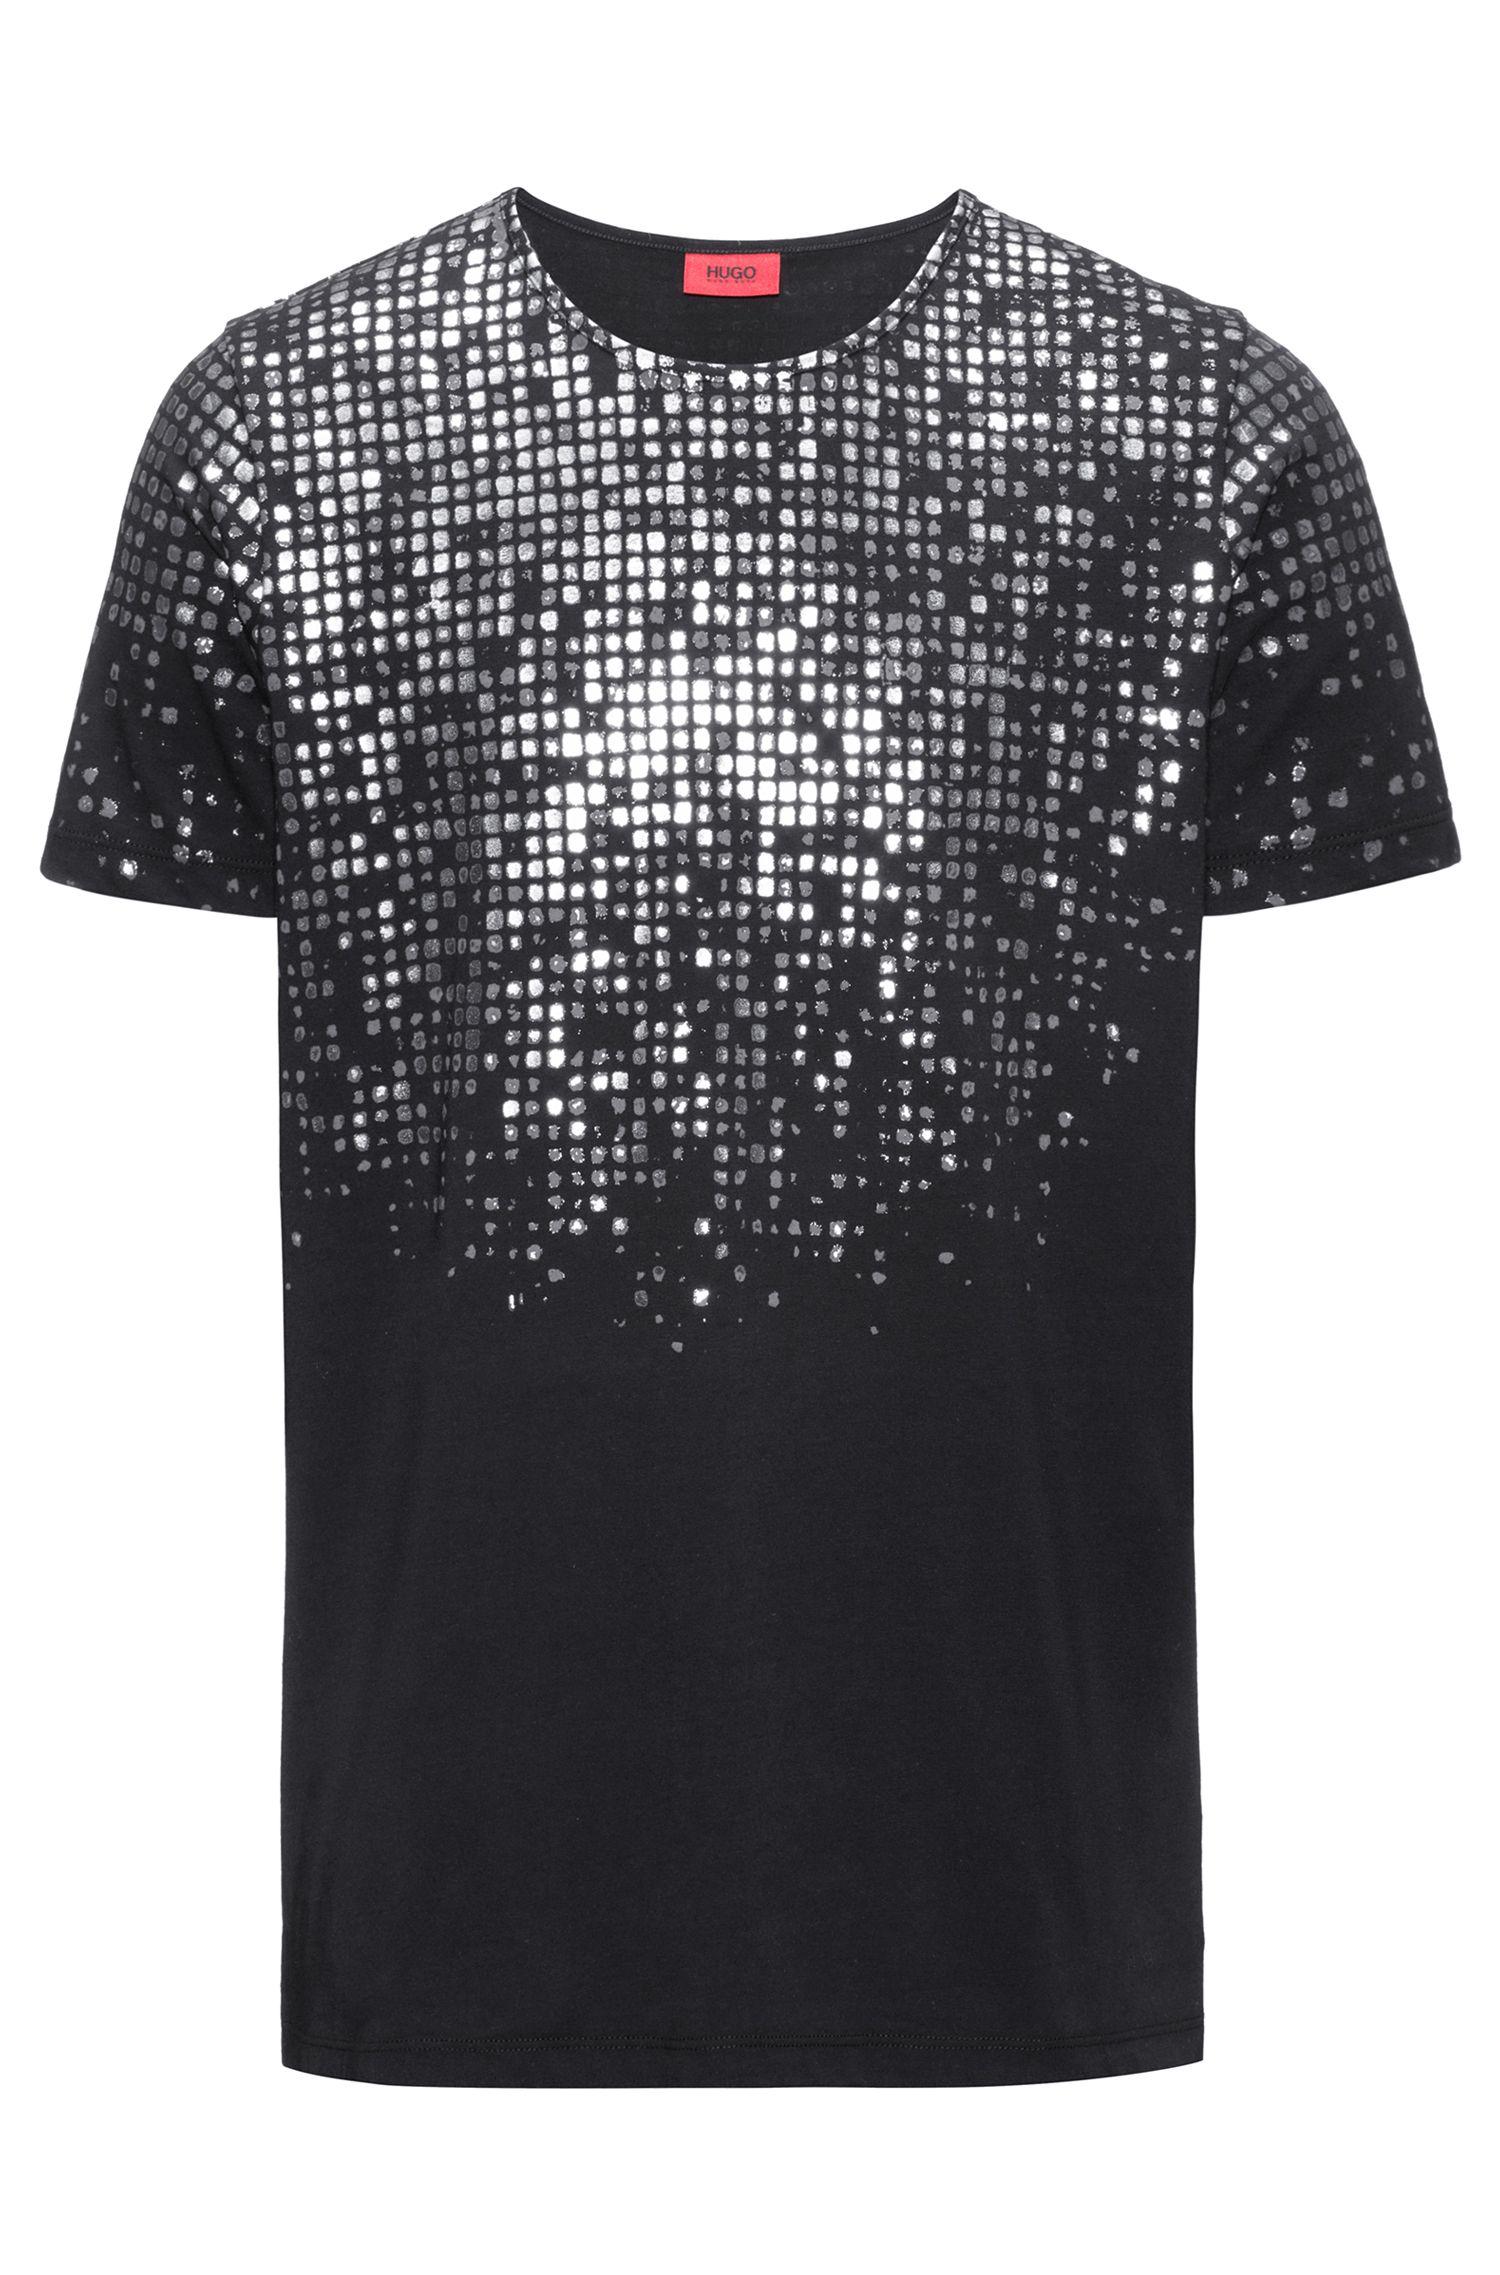 Foil-Print Cotton T-Shirt | Dilver